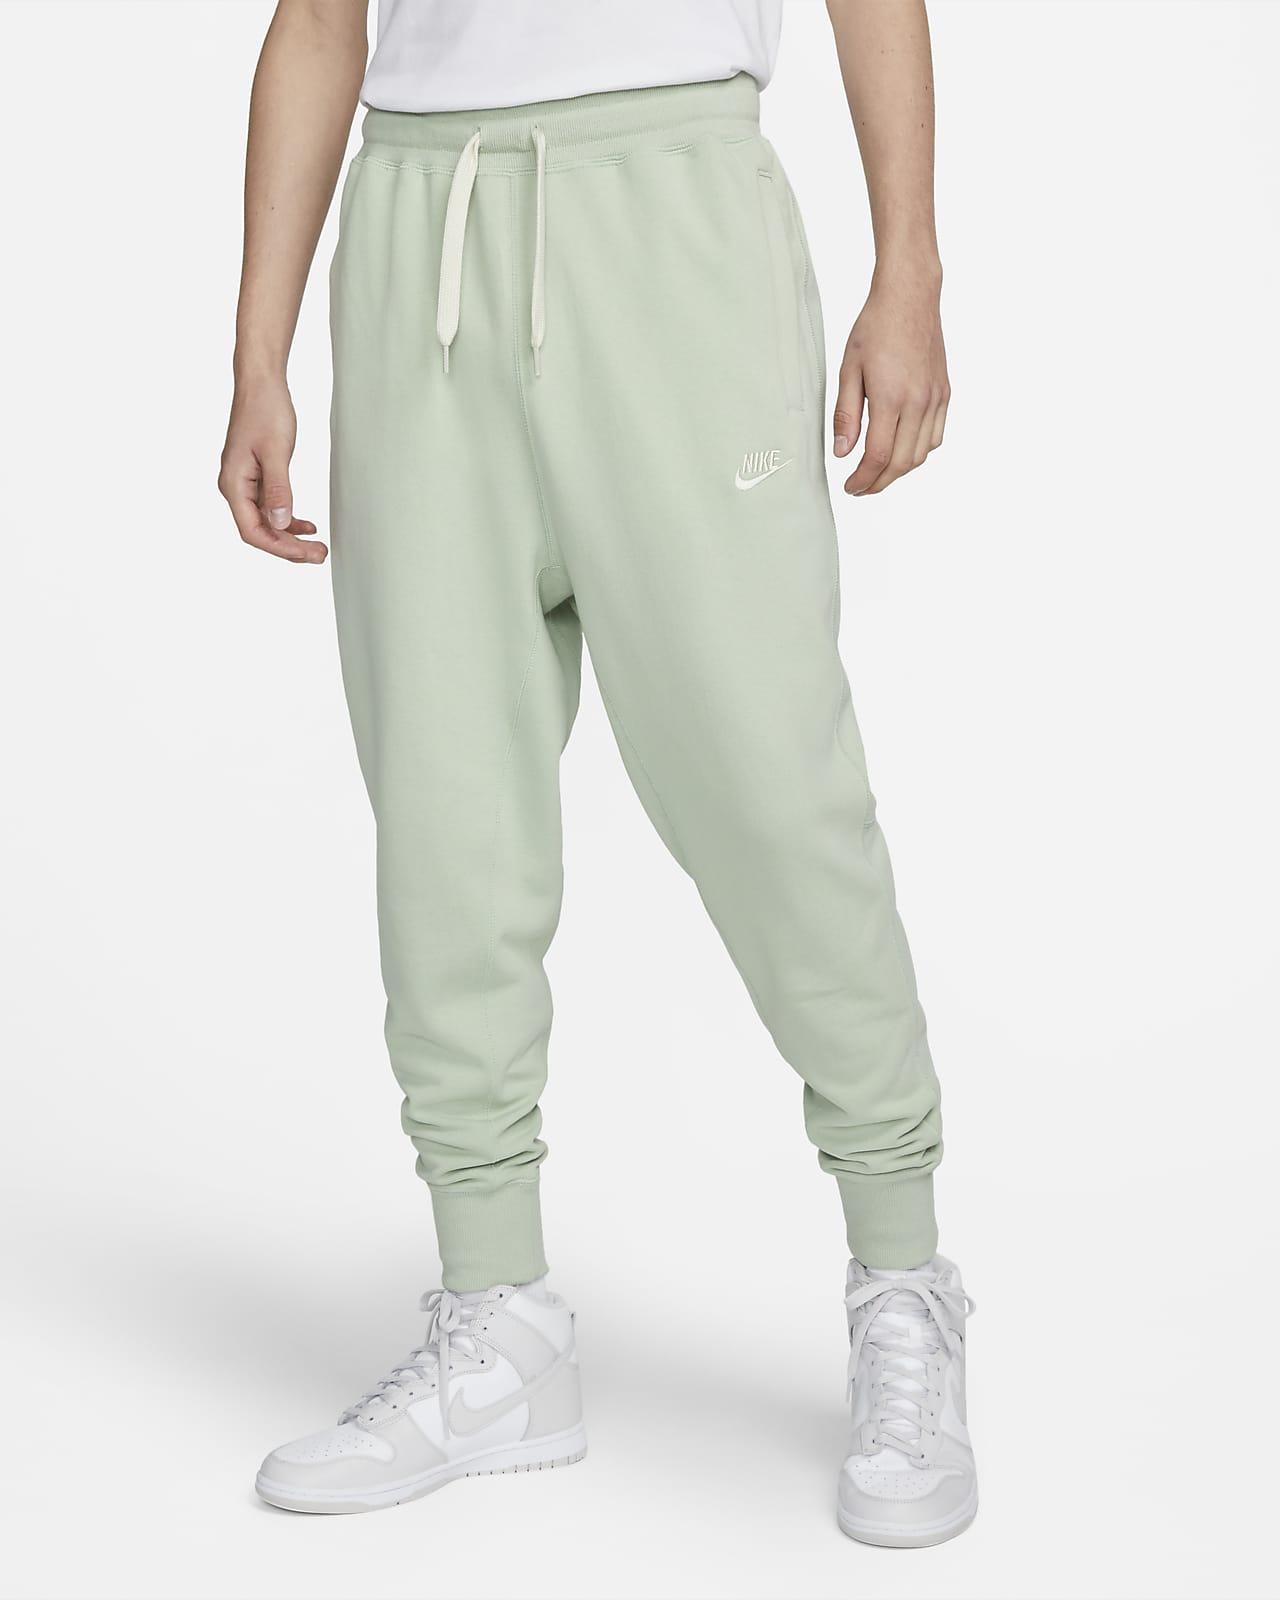 Nike Sportswear klassische Herren-Fleecehose